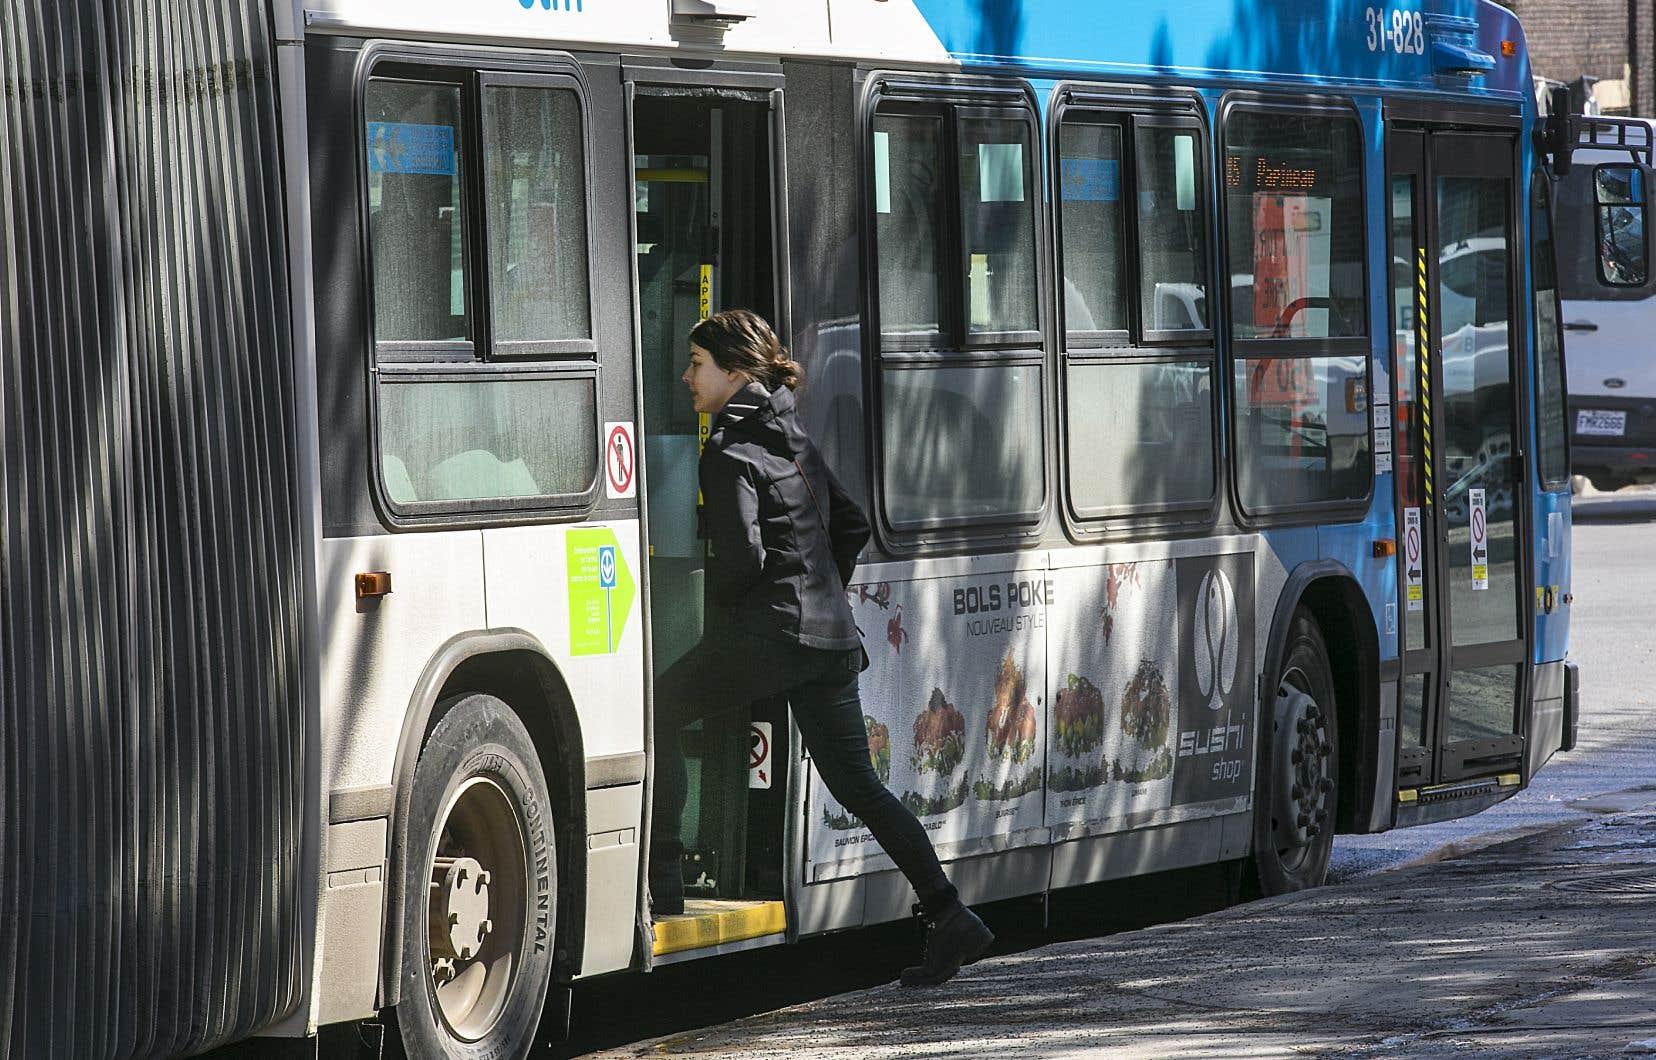 Des cloisons seront également installées progressivement dans tous les autobus, à côté du siège du conducteur, afin de mieux protéger les chauffeurs.